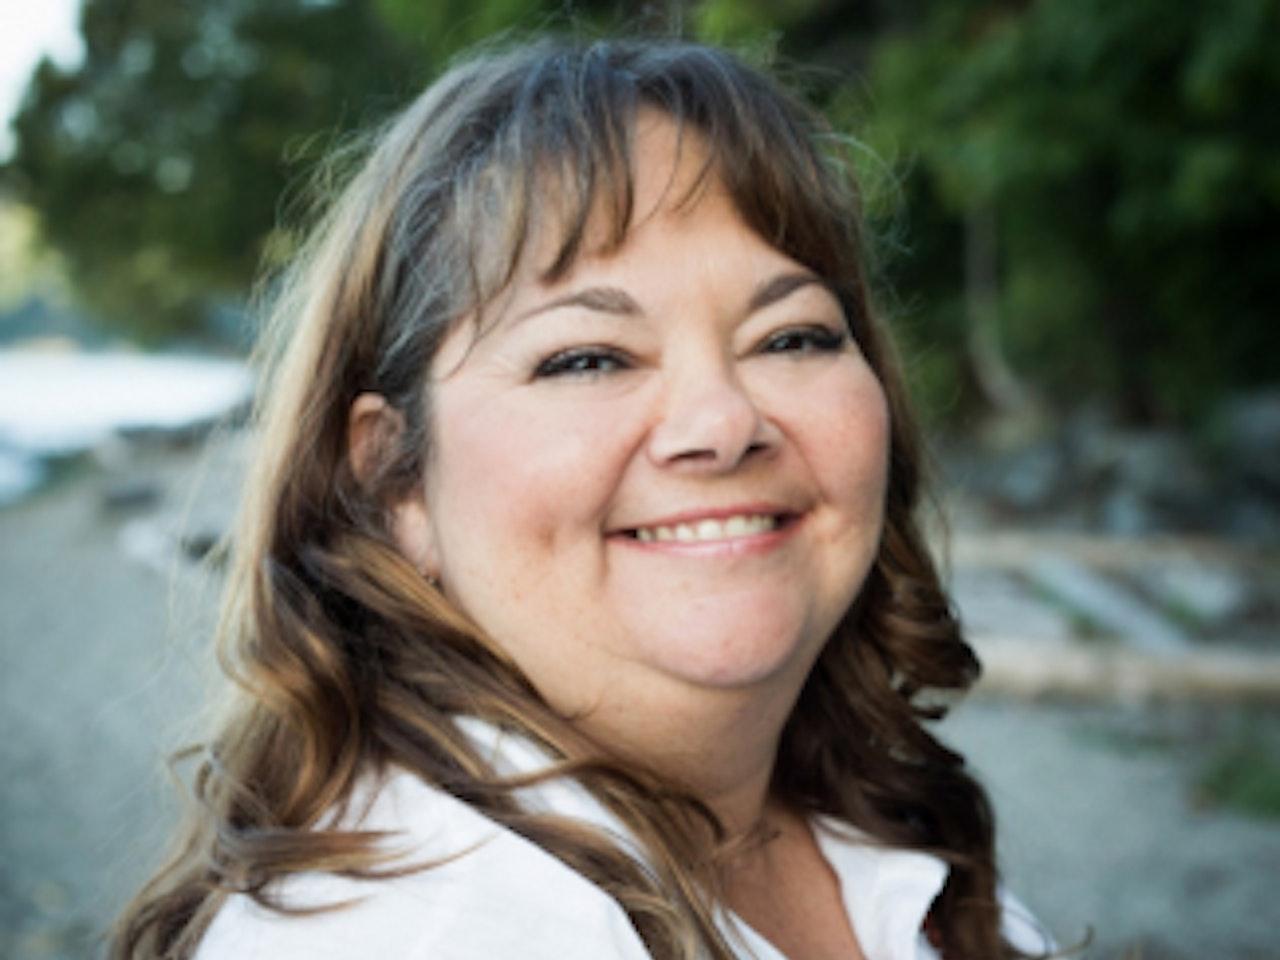 """Season 1 - Série """"Guérison et Réconciliation"""" - Entrevue avec l'Auteure Monique Gray Smith / """"Healing & Reconciliation"""" Series - Interview with Author Monique Gray Smith"""